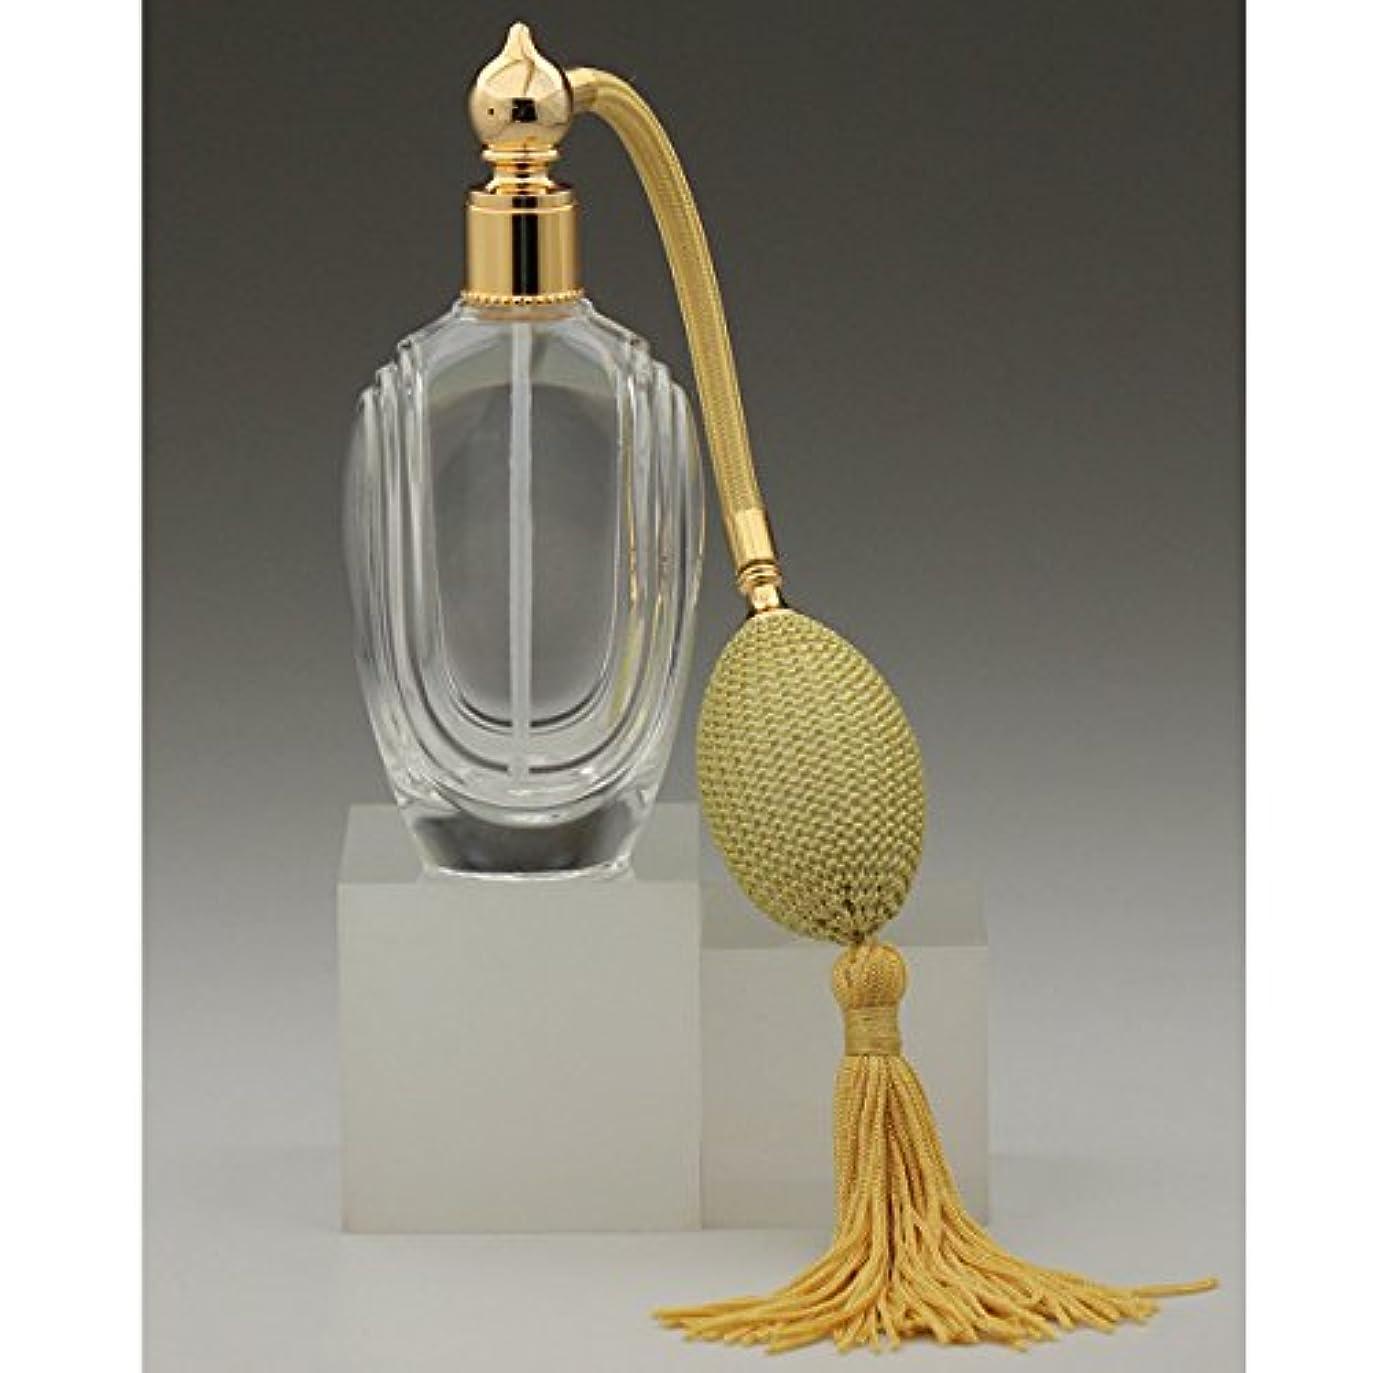 【ヒロセ アトマイザー】卓上 バルブ アトマイザー 50ML フランス製 香水瓶 399853 CG (50MLタクジョウCLGD) 50ml